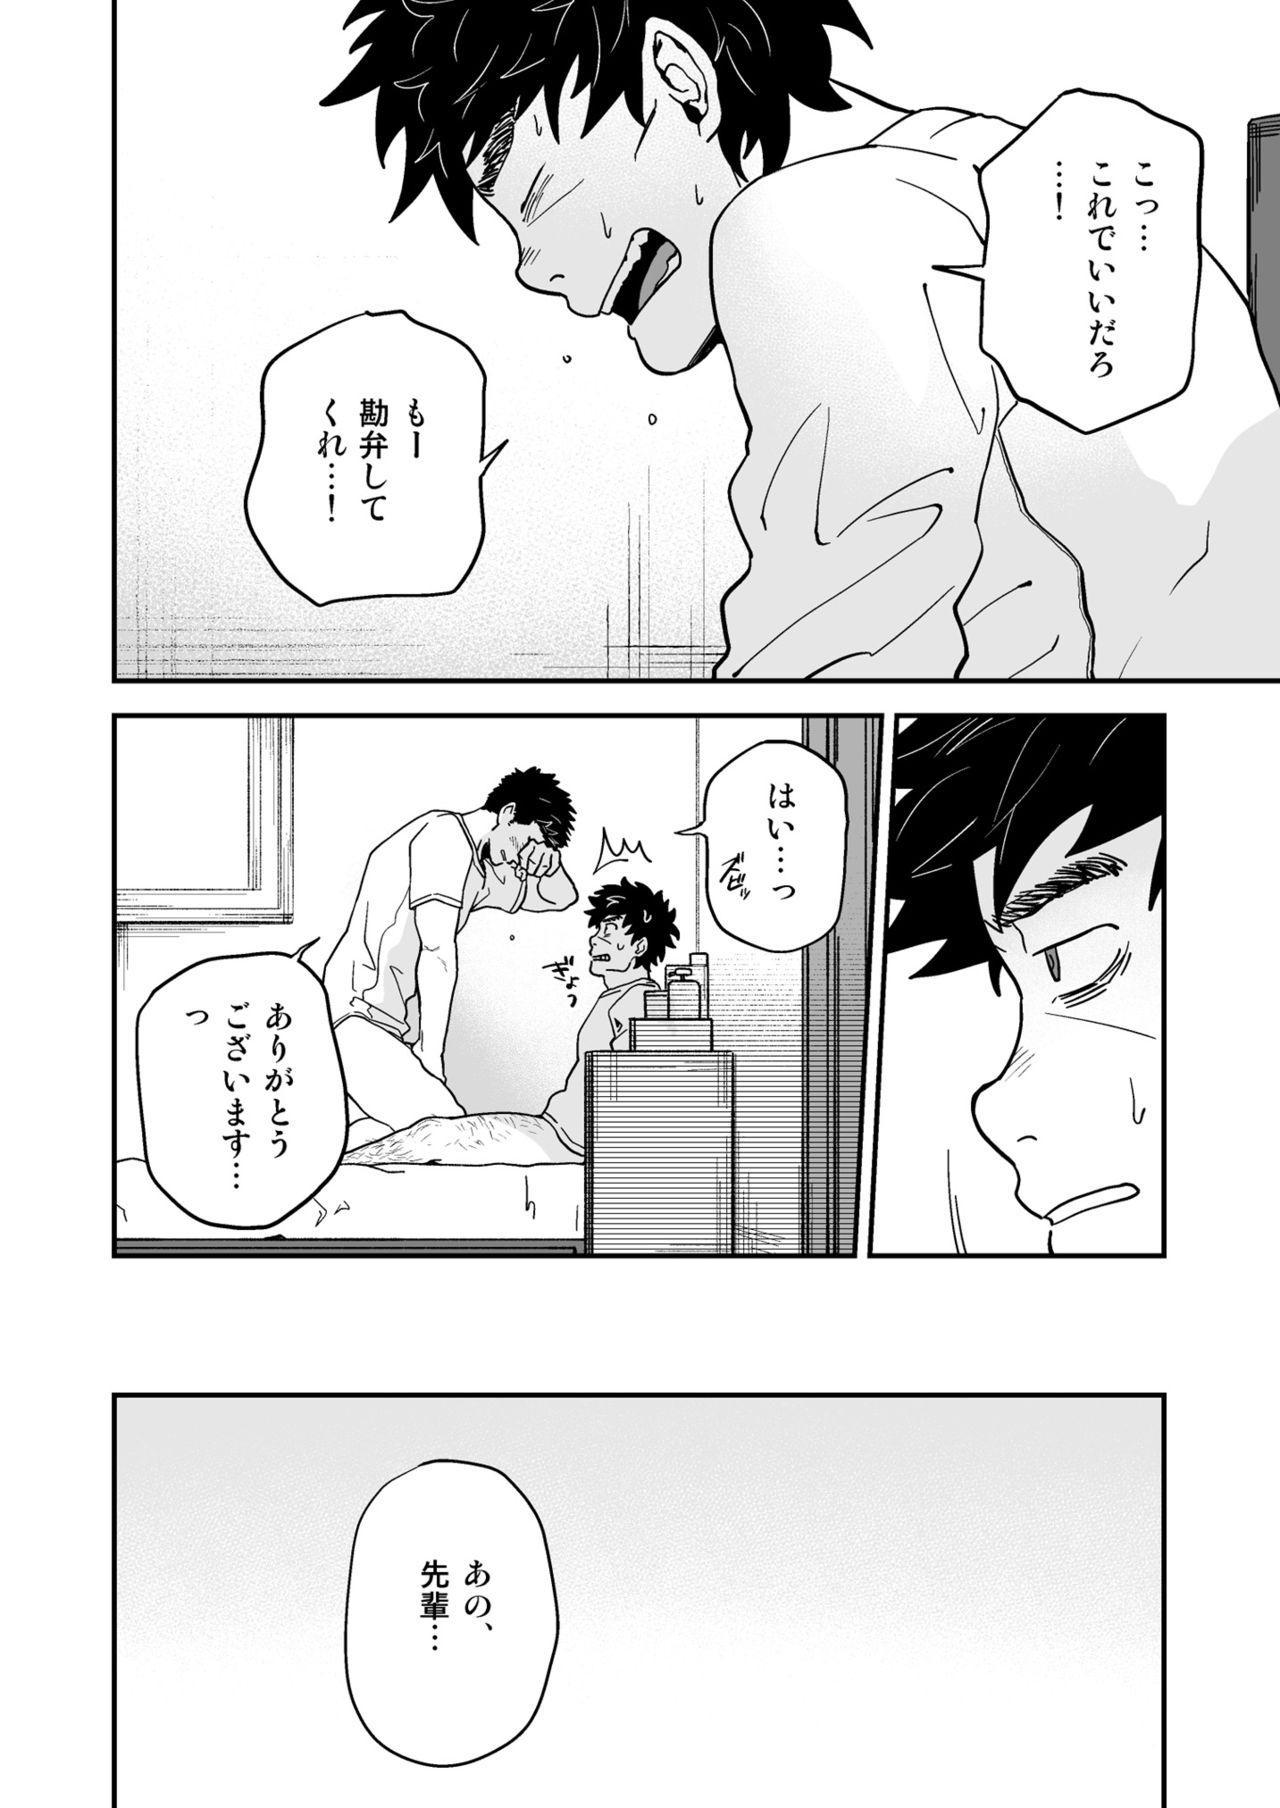 Endou to Senpai 14